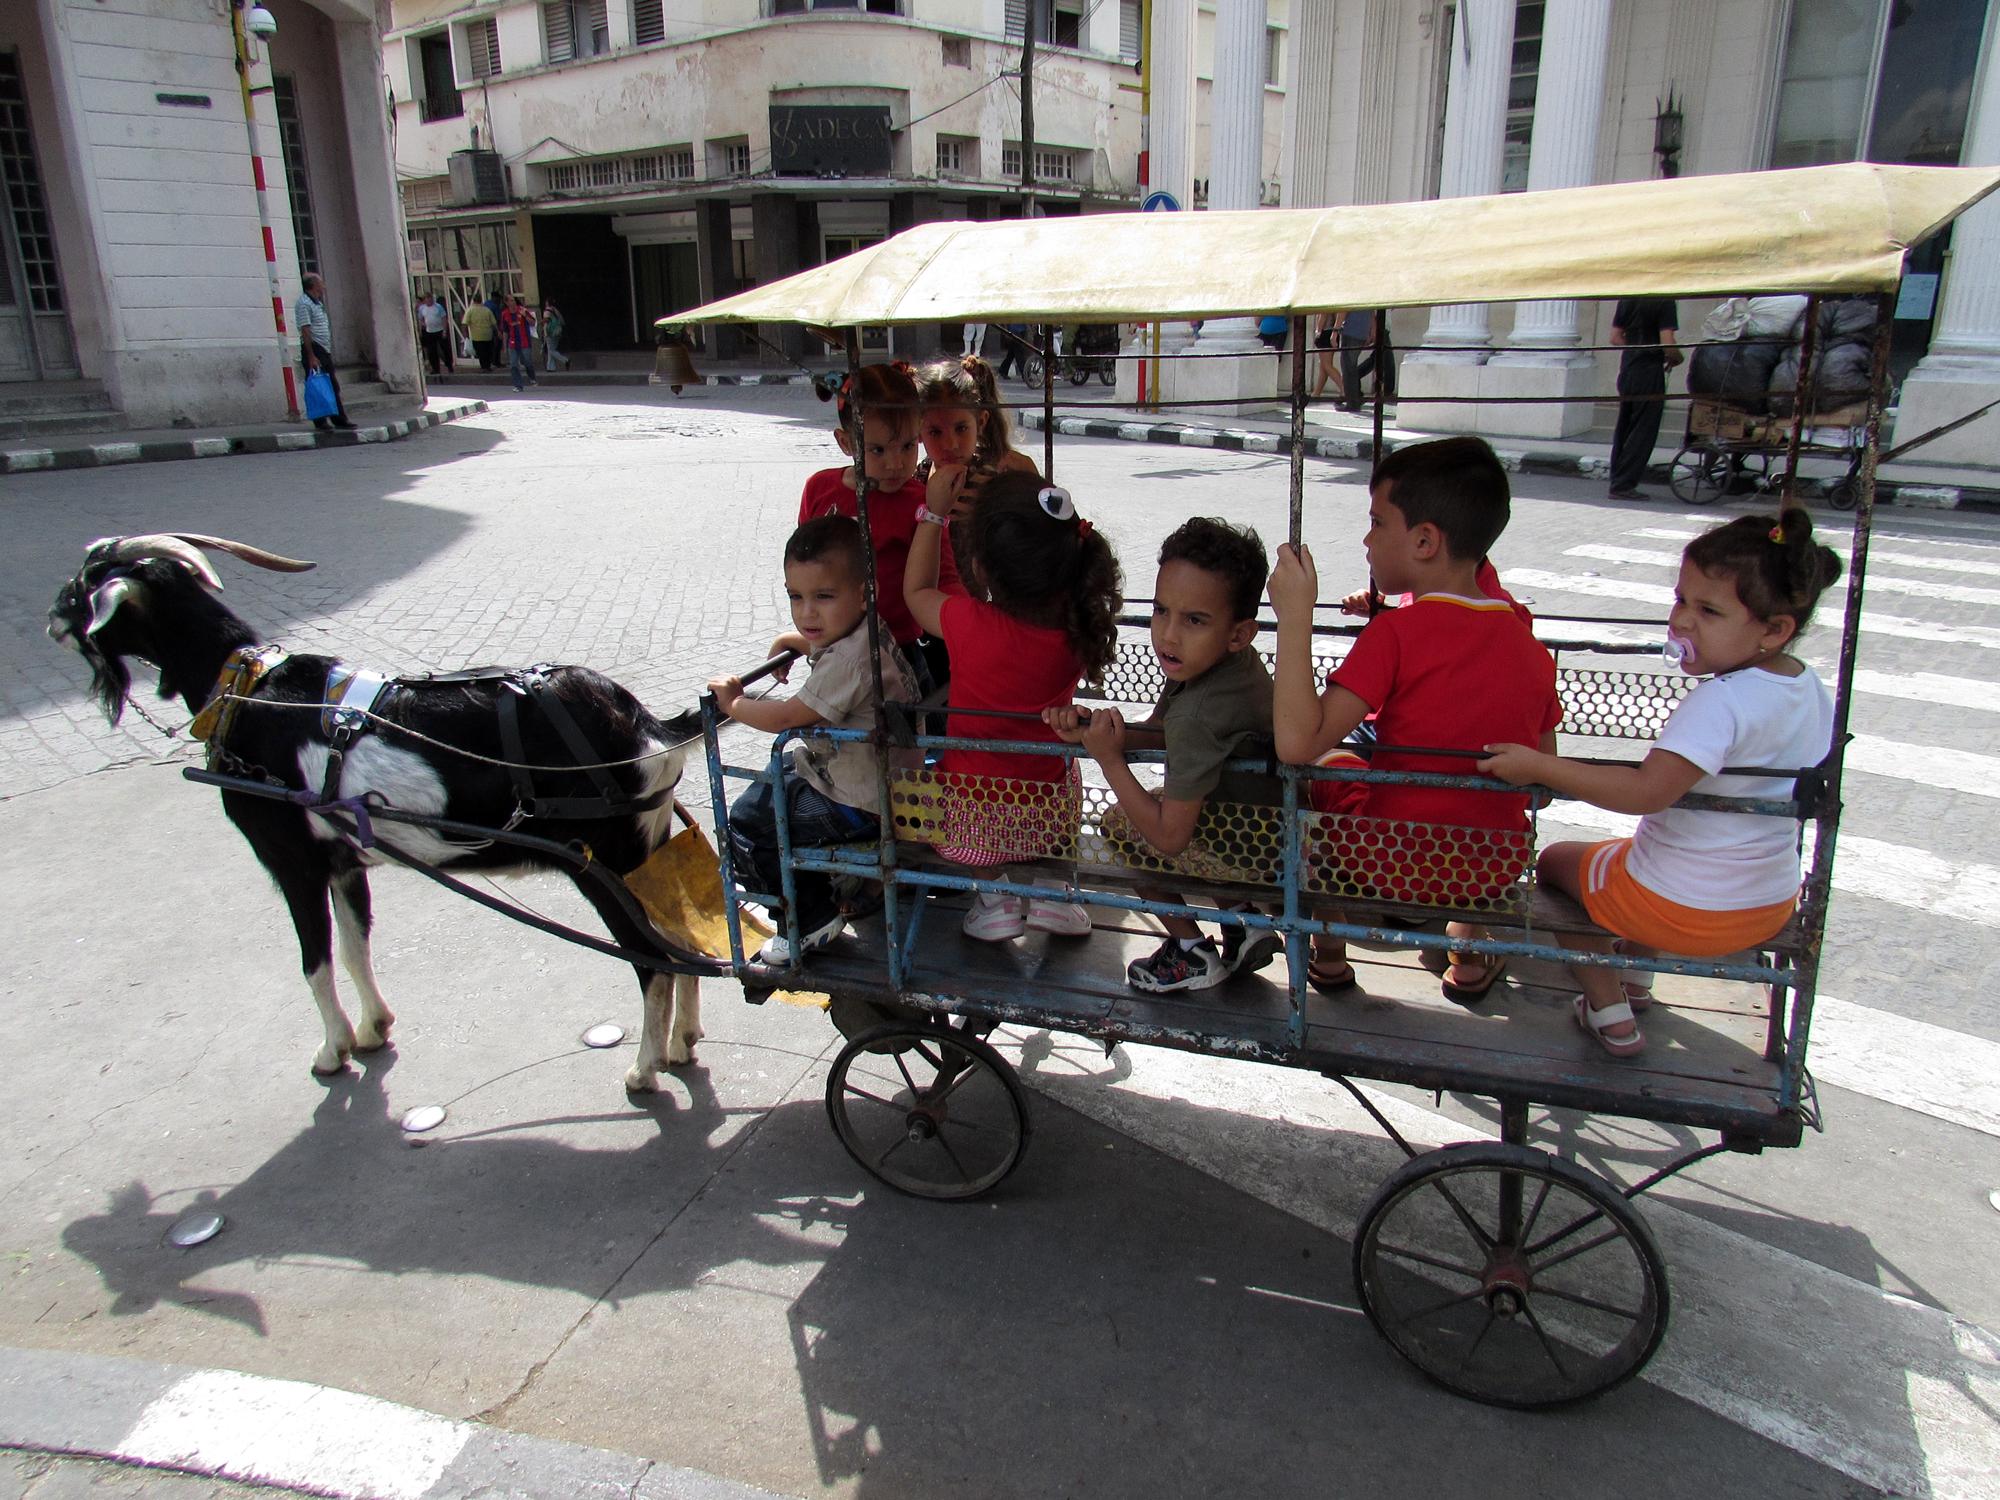 Kids' activities in Santa Clara